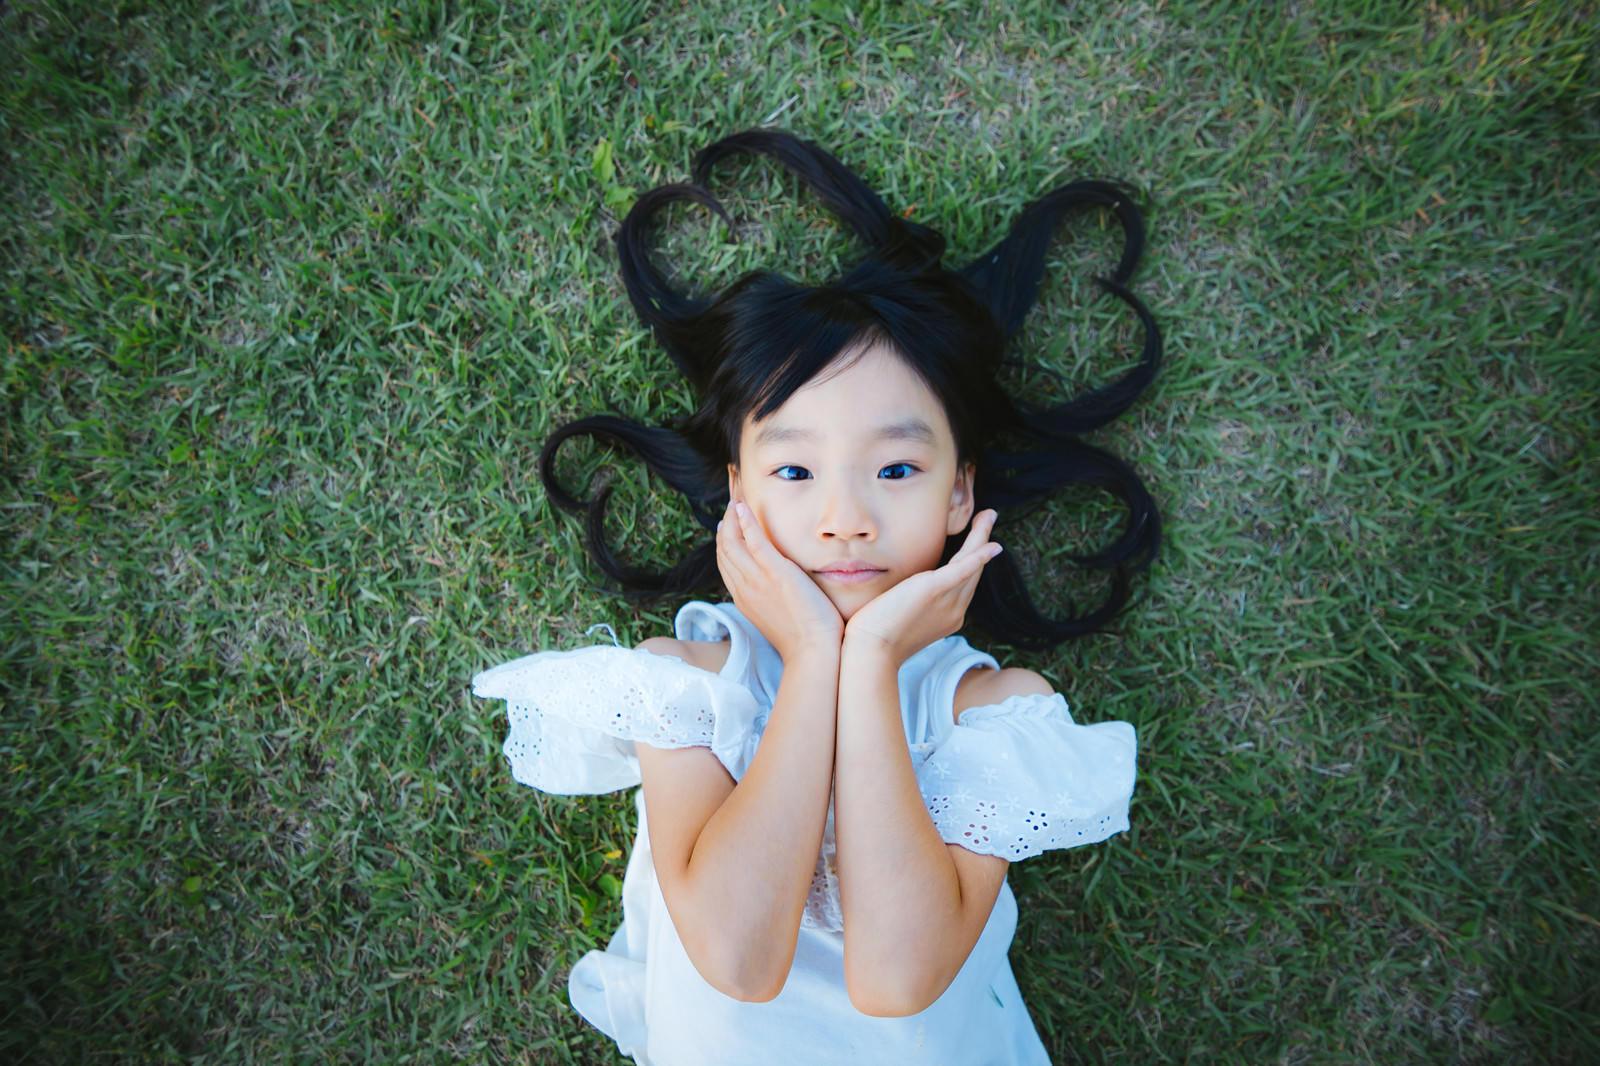 「芝生で寝転ぶ女の子(髪の毛ハート)」の写真[モデル:あんじゅ]